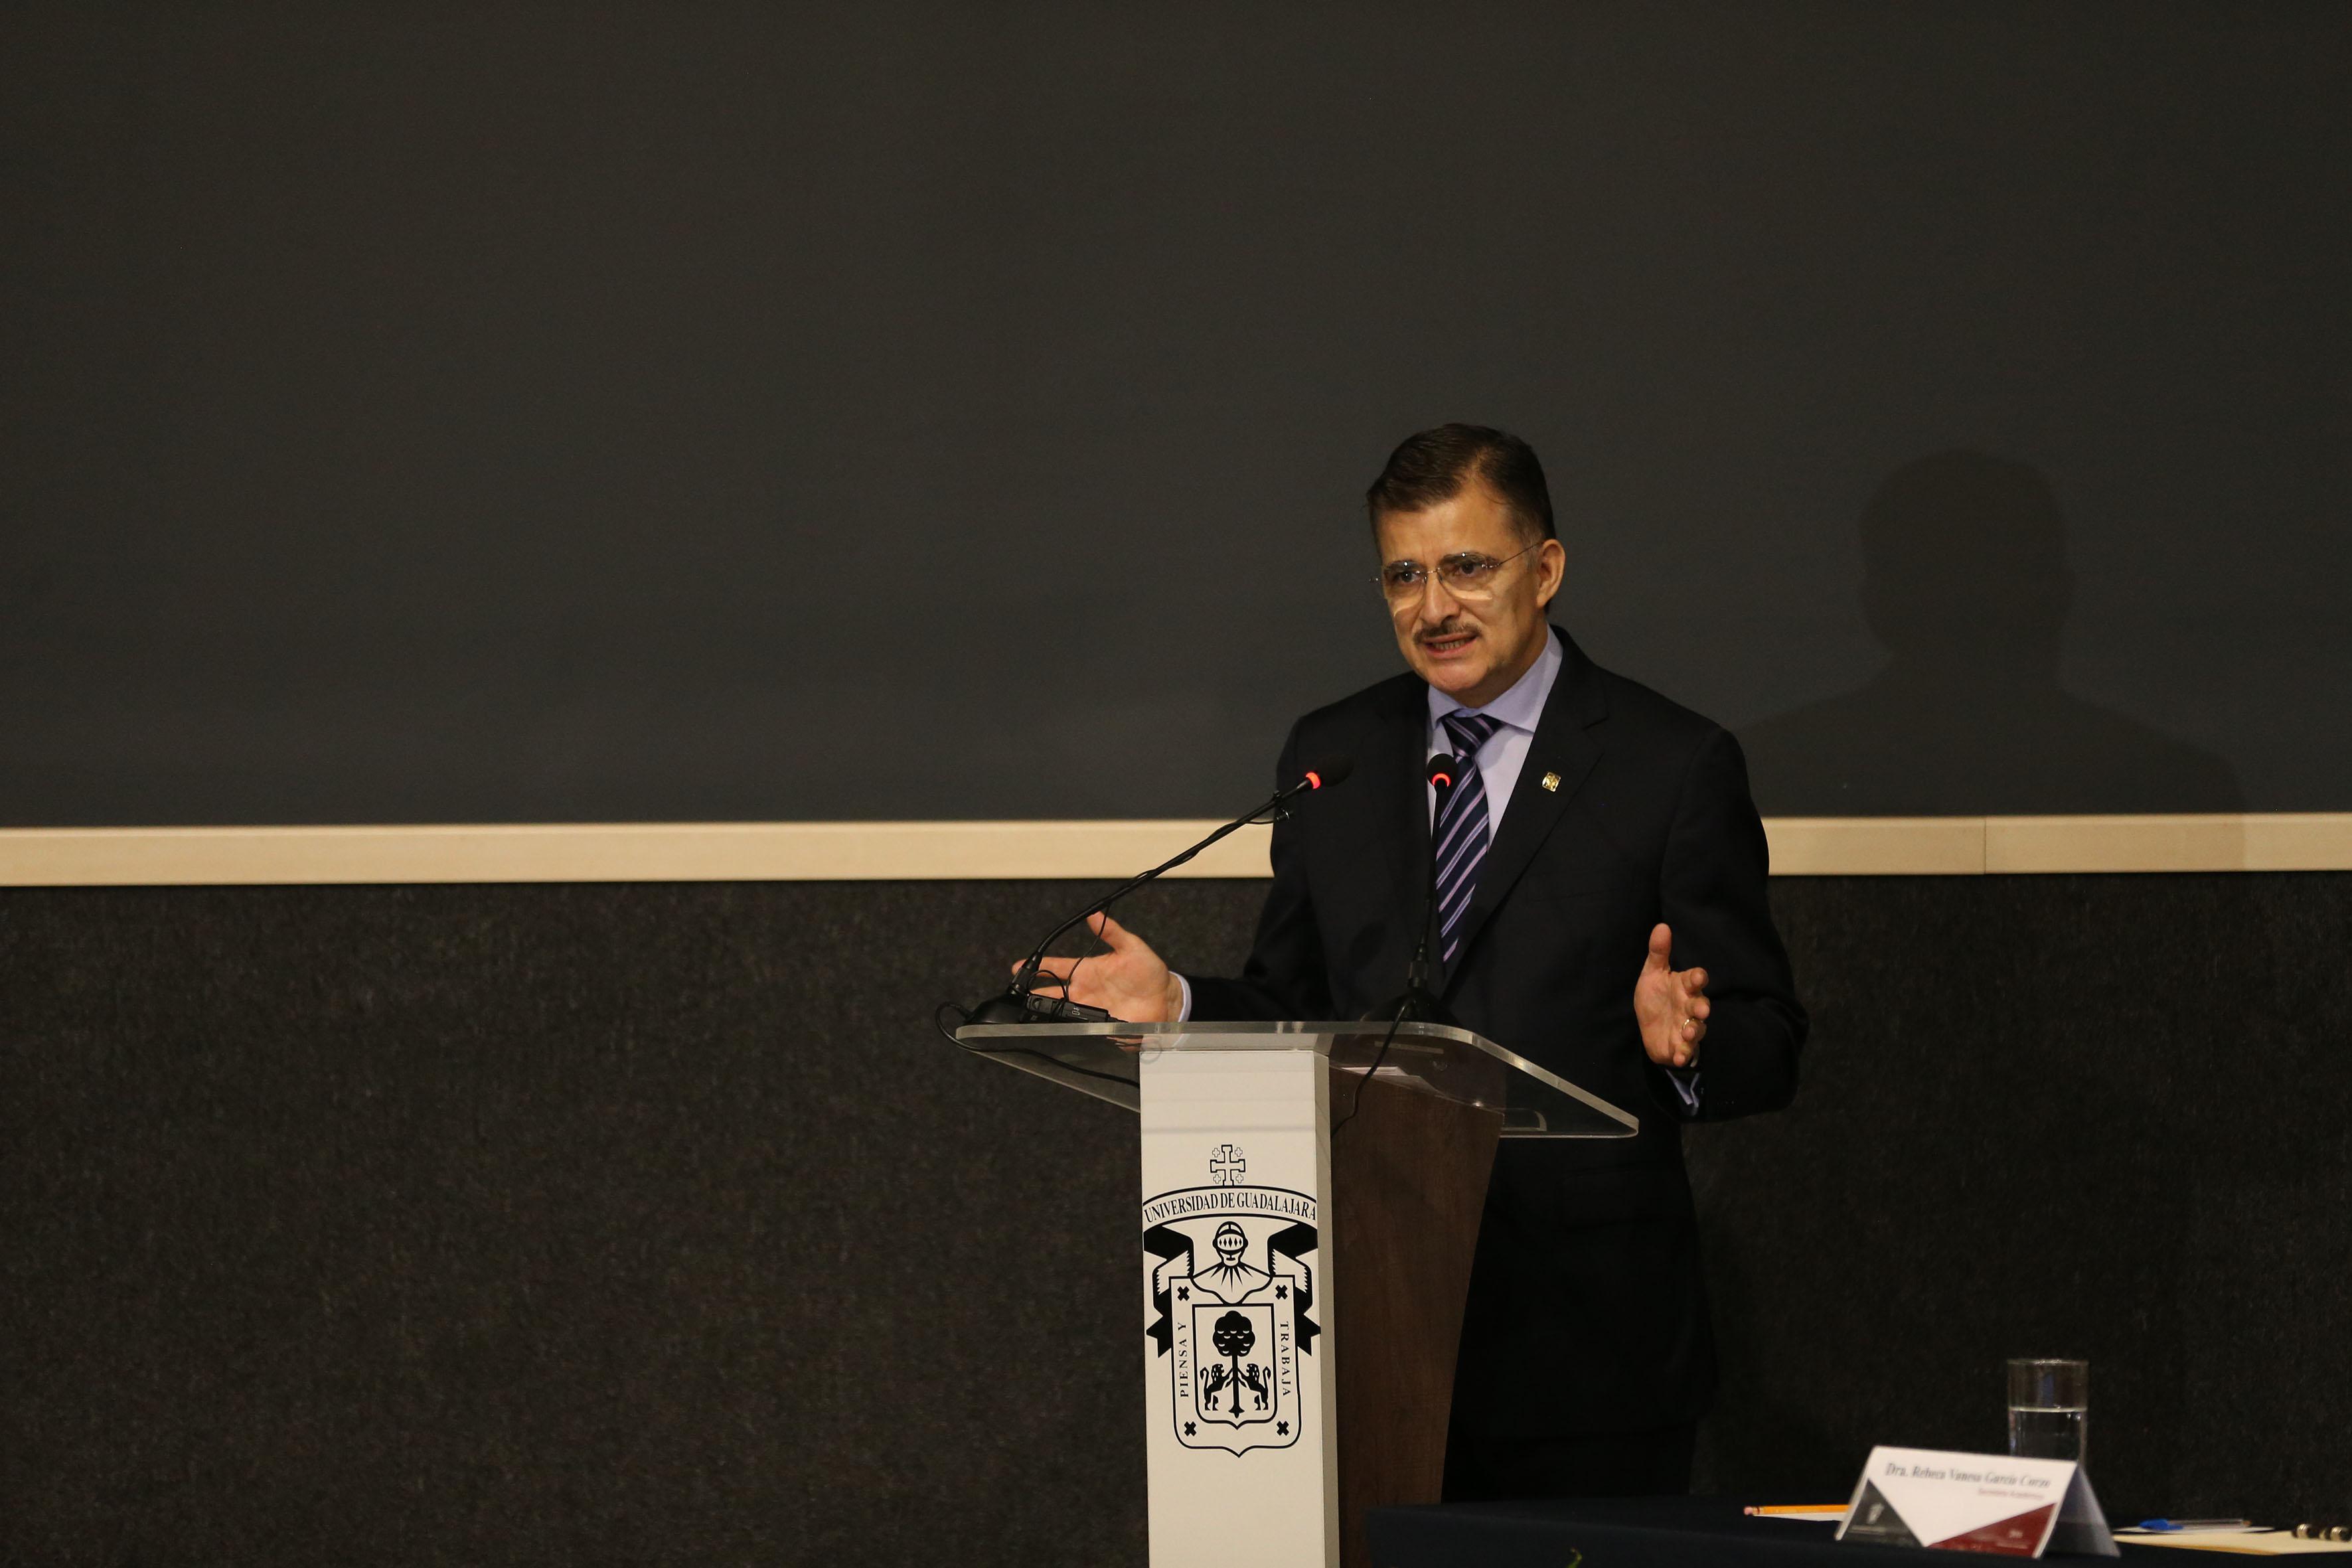 Rector General de la UdeG, maestro Itzcóatl Tonatiuh Bravo Padilla participando en el informe de actividades del rector del CULagos  doctor Aristarco Regalado Pinedo